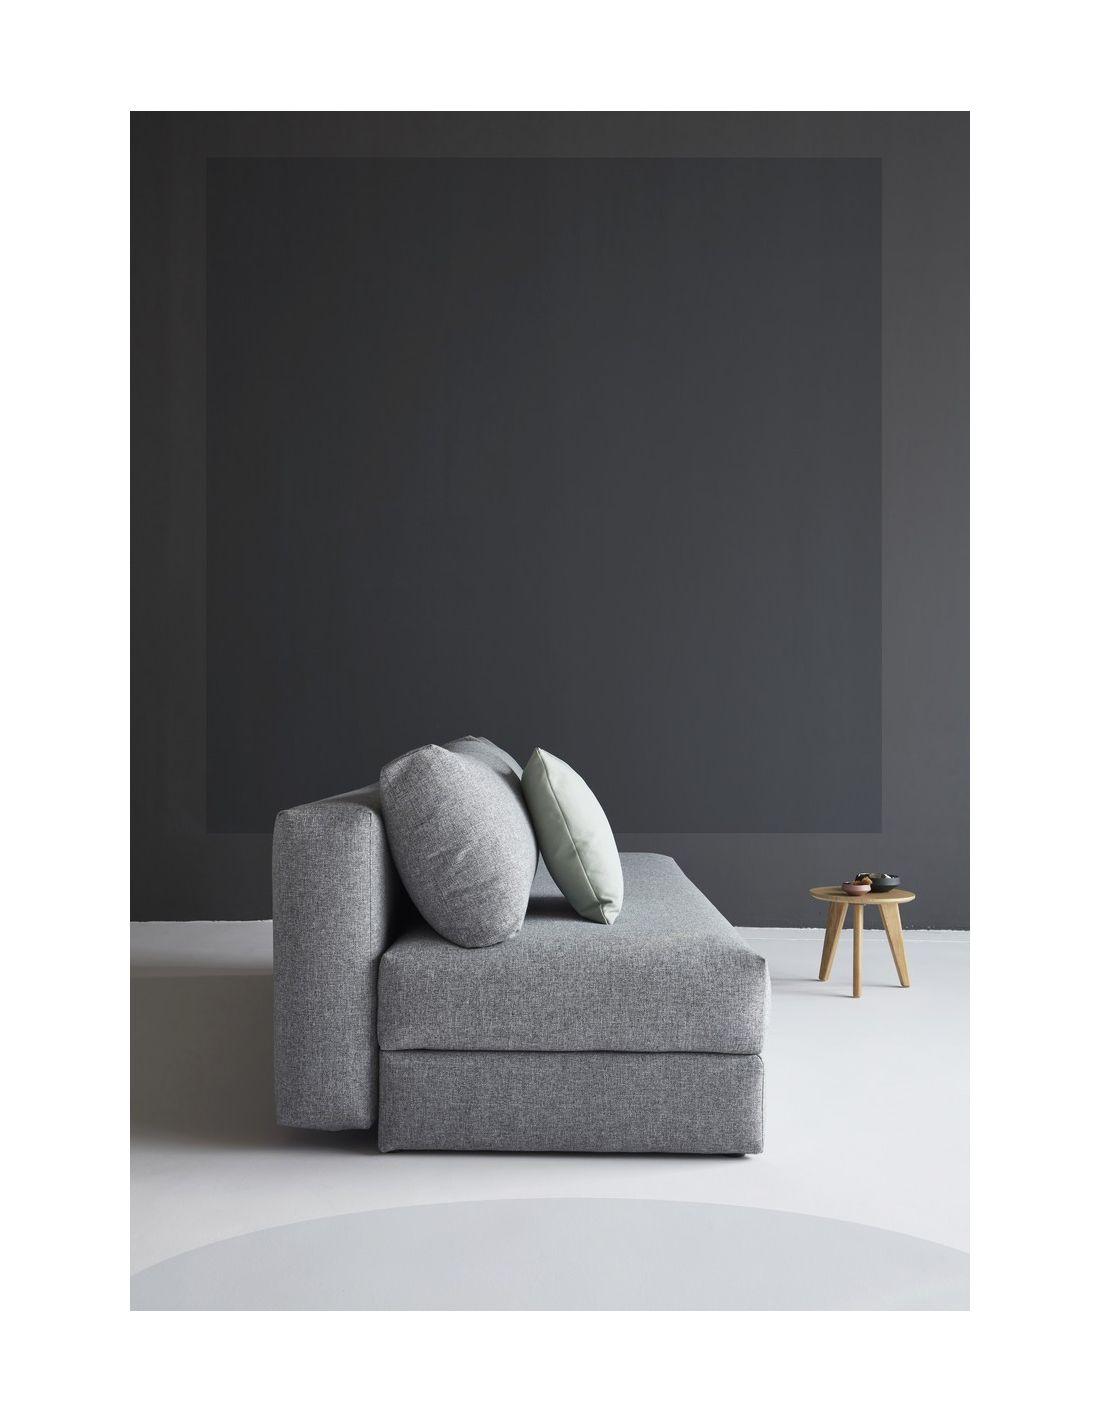 Osval divano letto matrimoniale con contenitore per uso quotidiano 150 x 200 cm